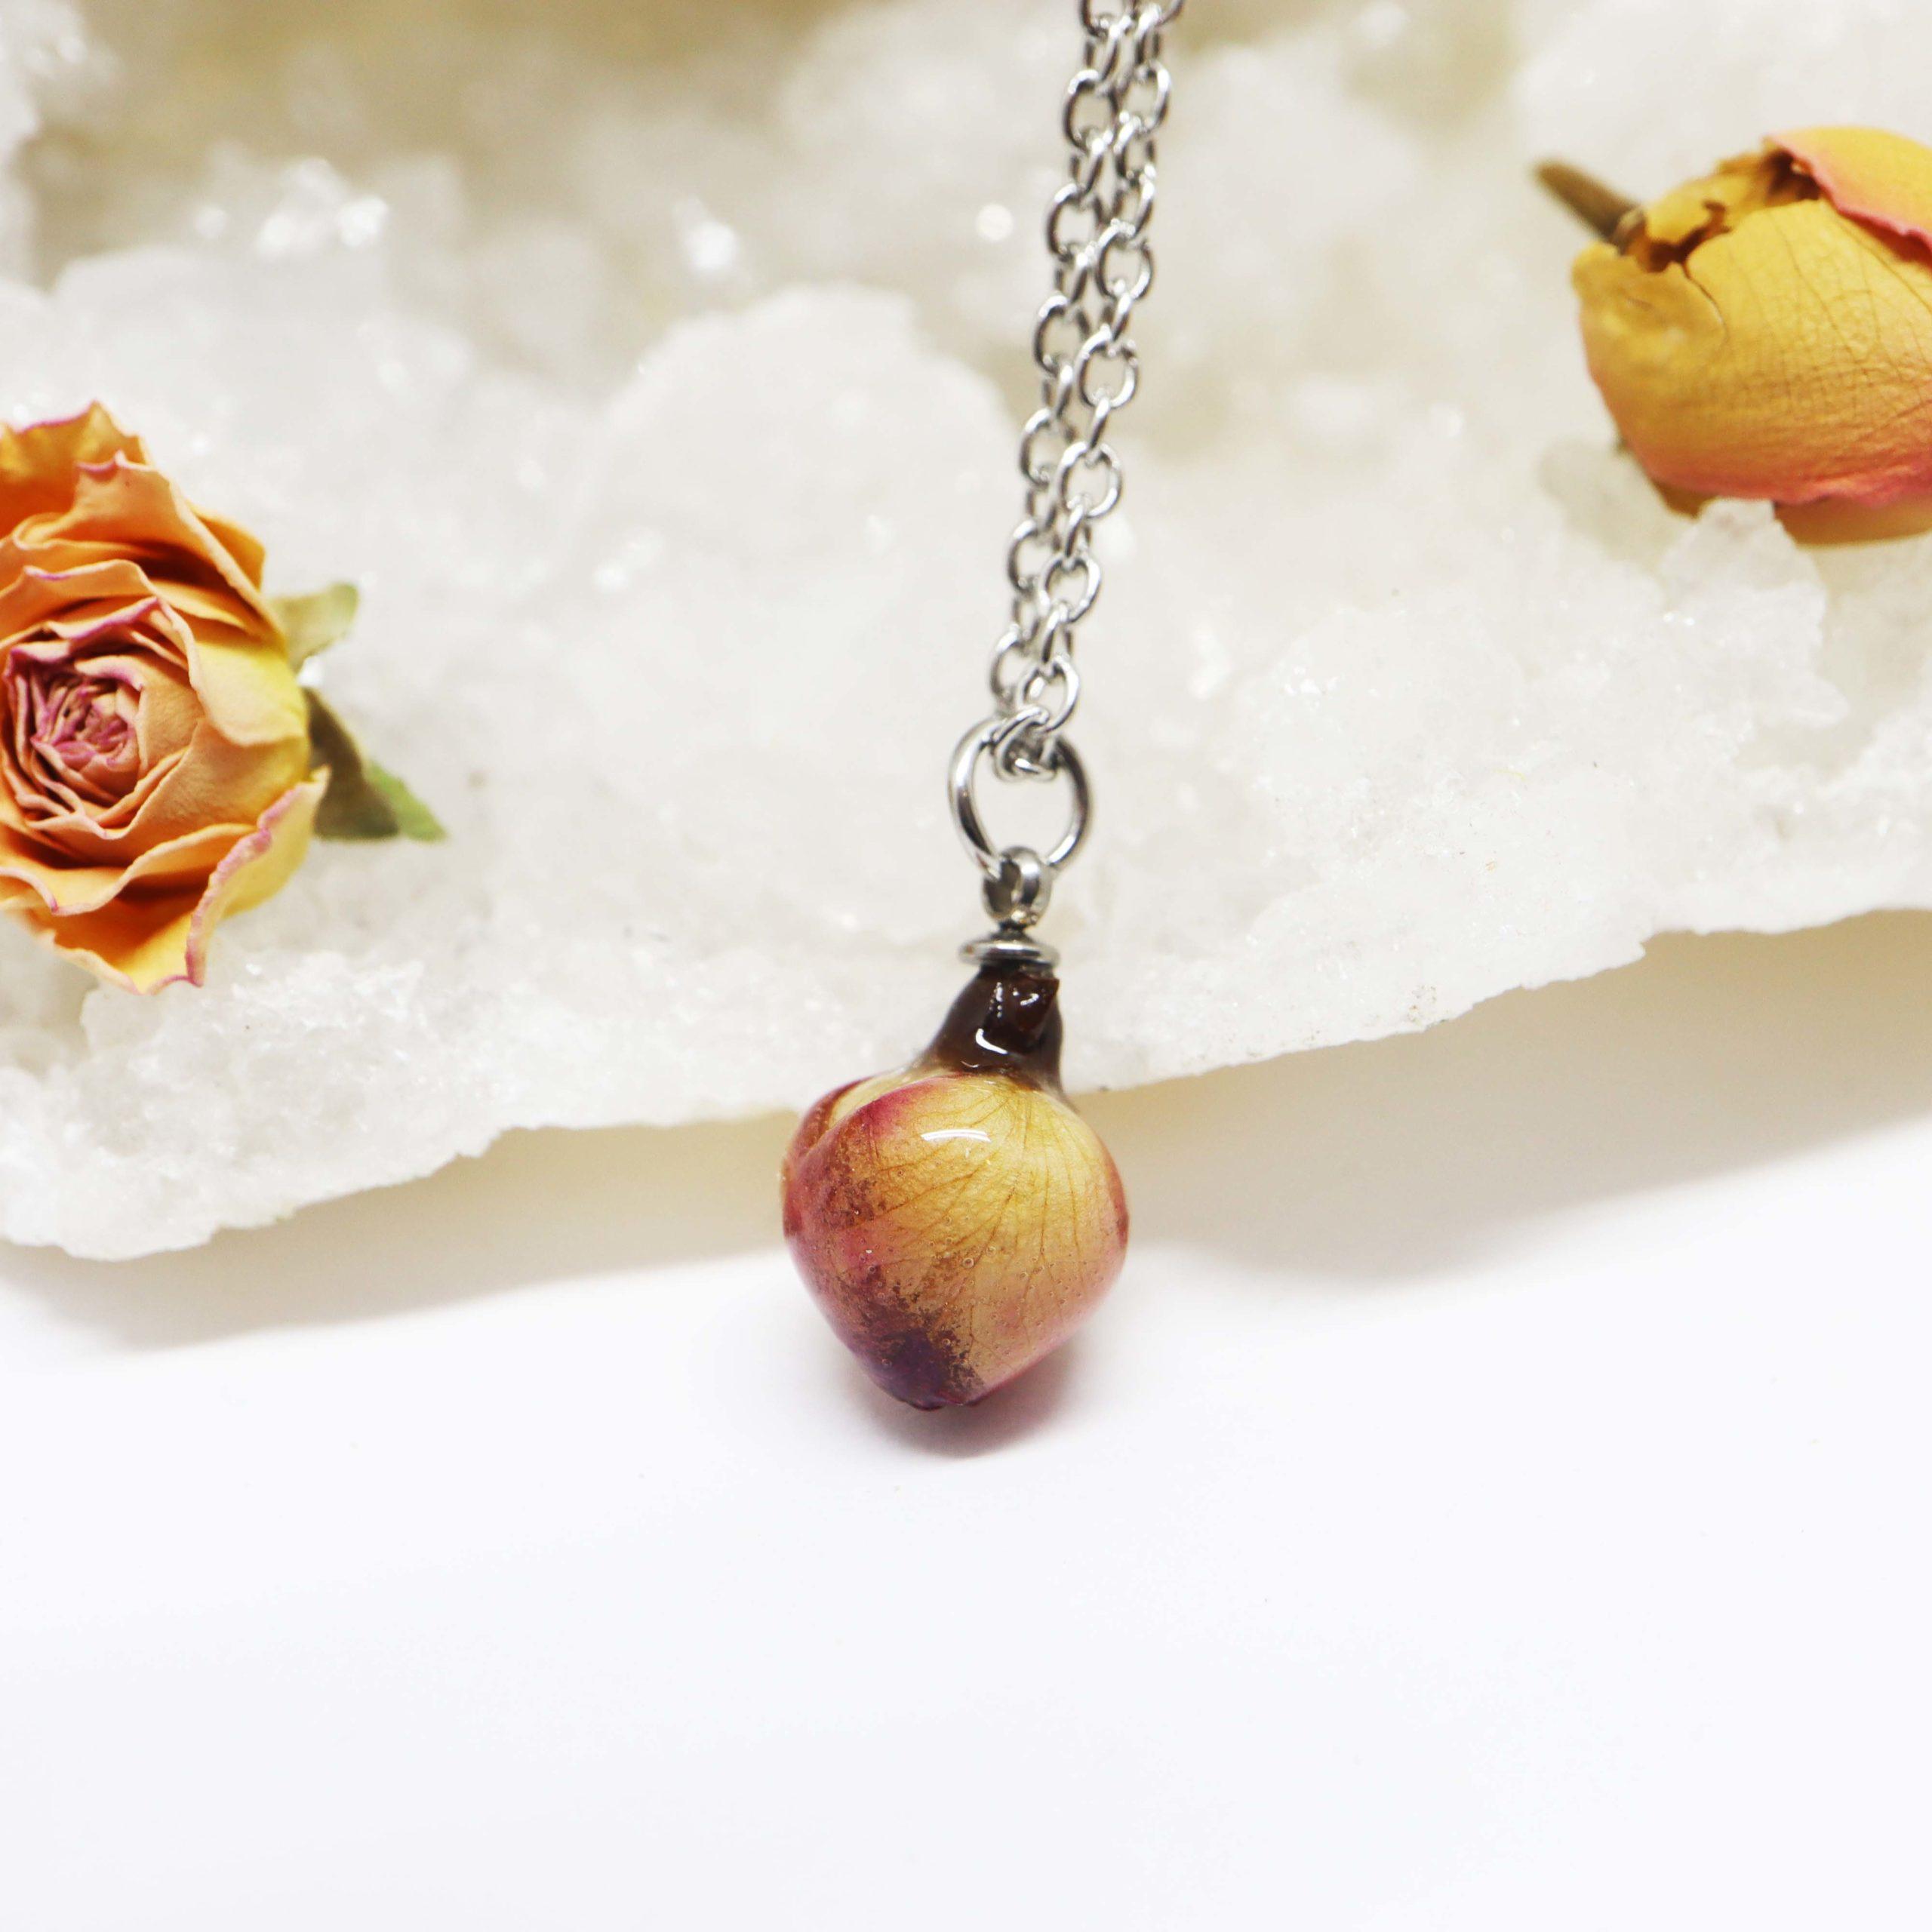 collier bouton de rose